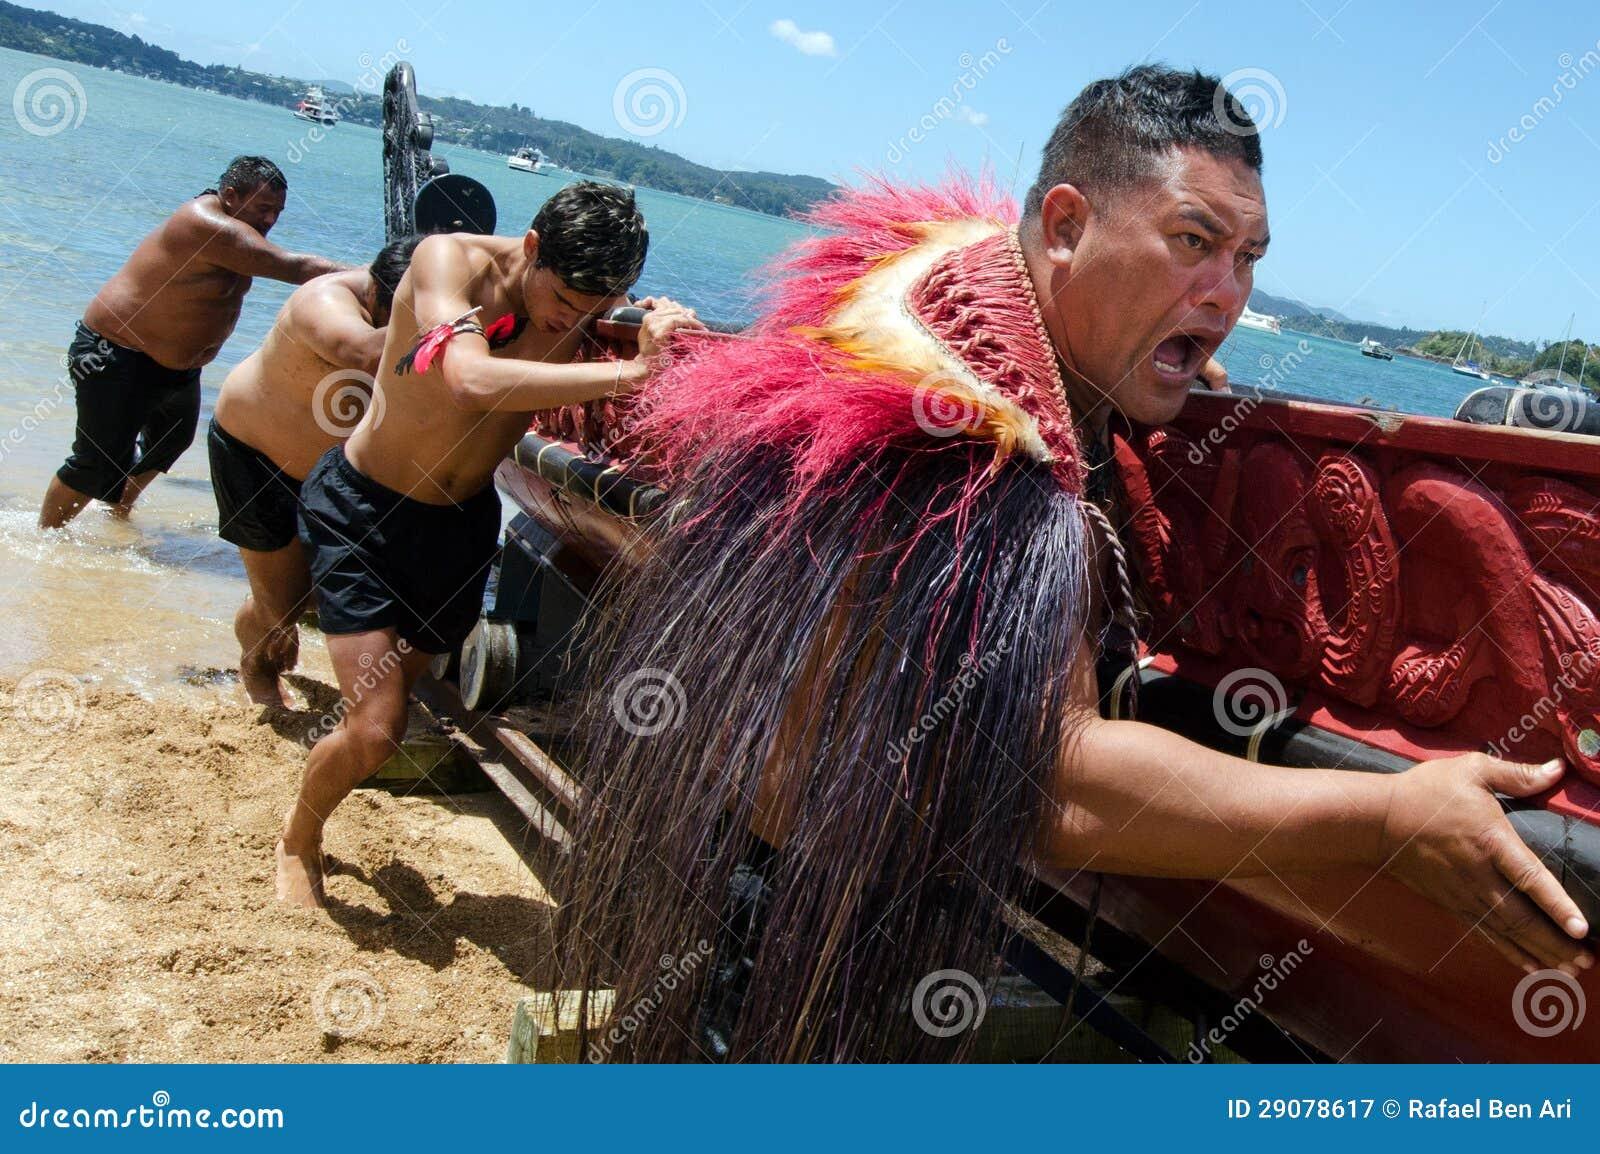 Waitangi Day And Festival - New Zealand Public Holiday 2013 Editorial Photography - Image: 29078617